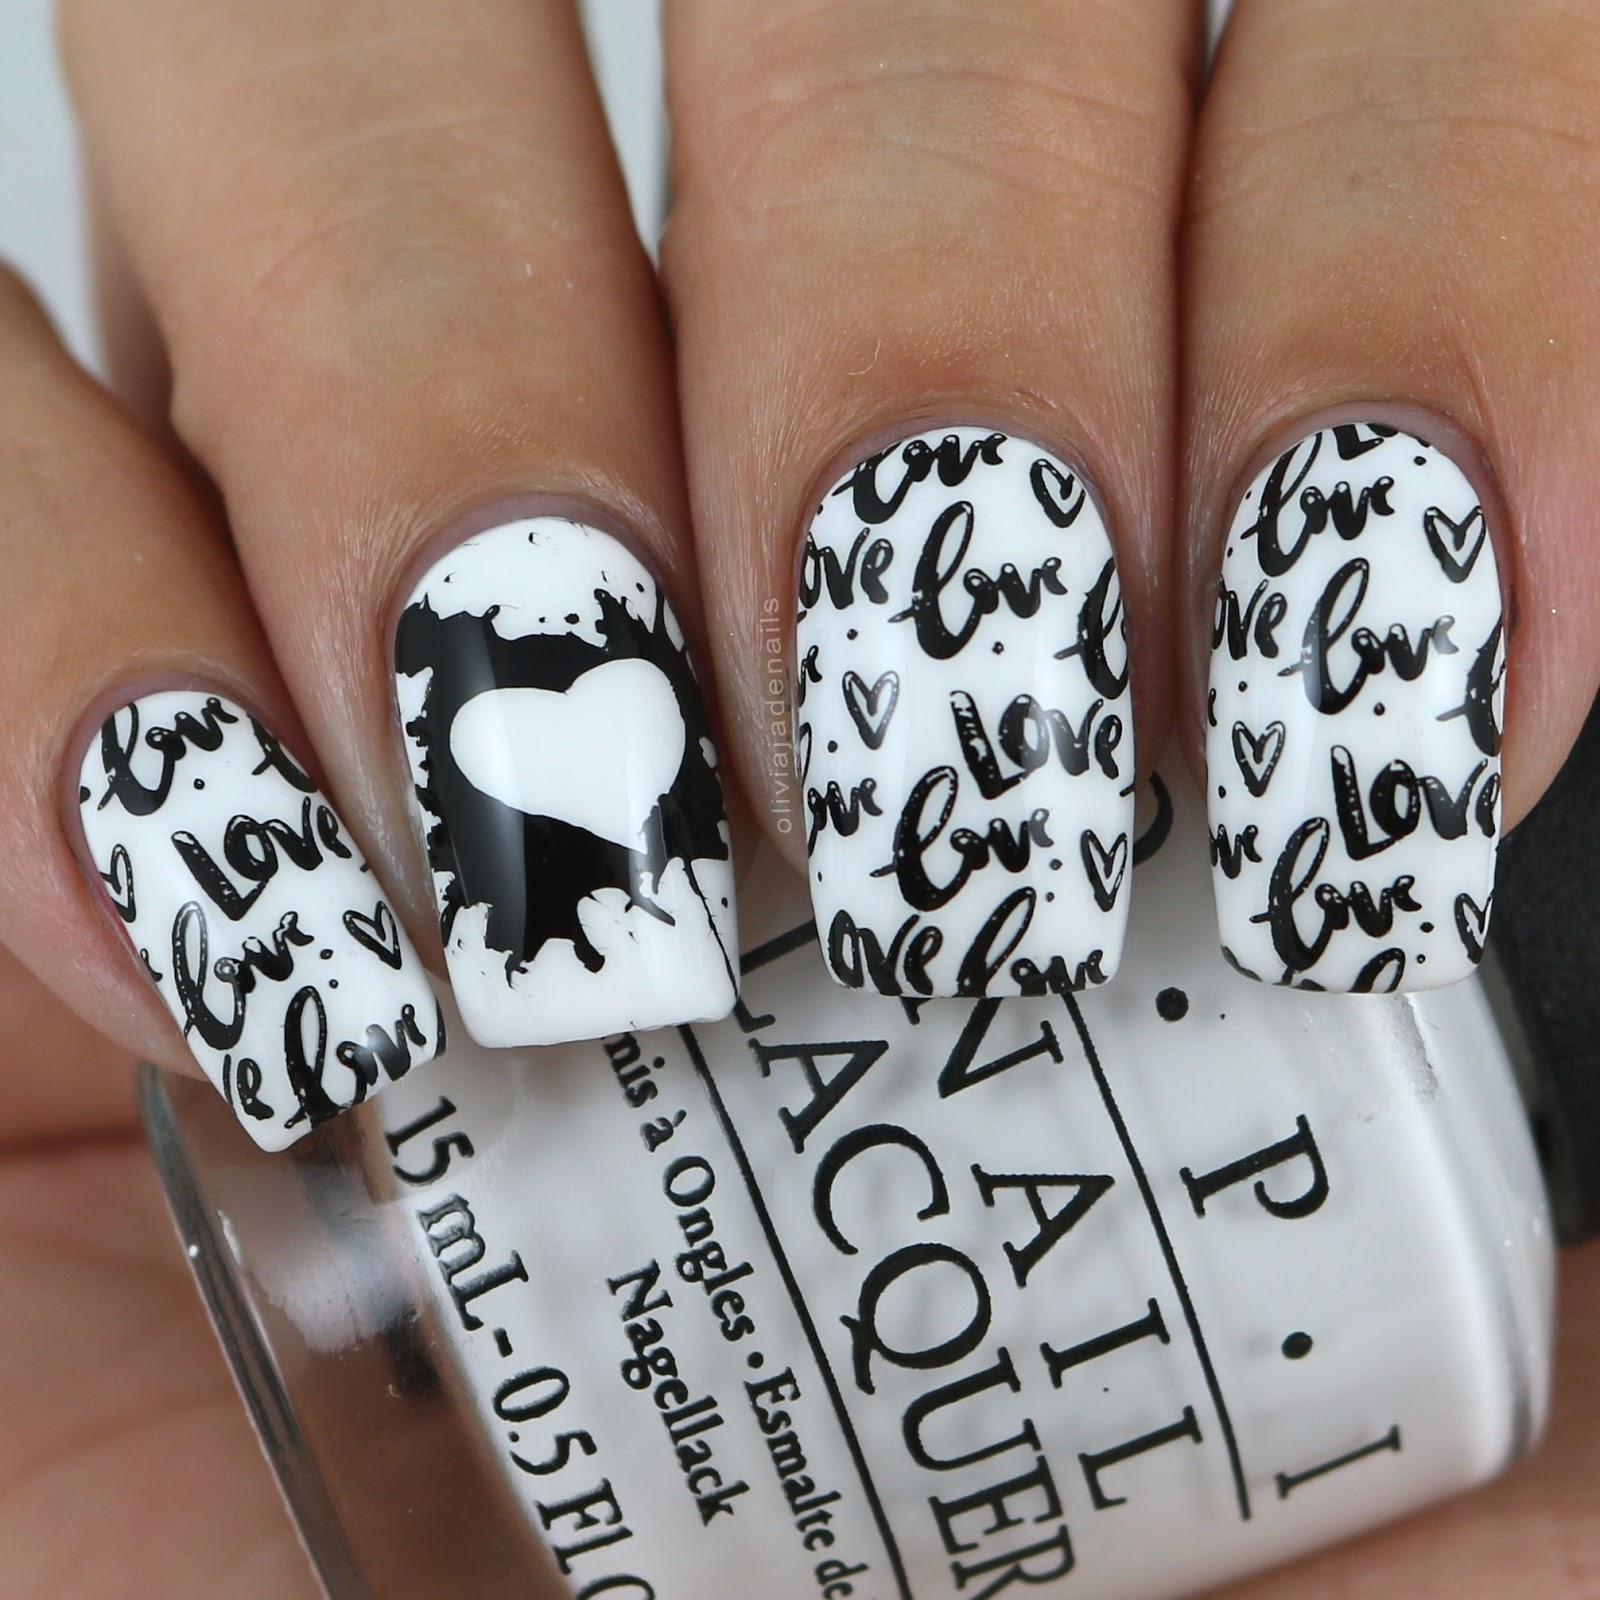 Olivia jade nails crumpts nail tarts 26 great nail art ideas the prinsesfo Images